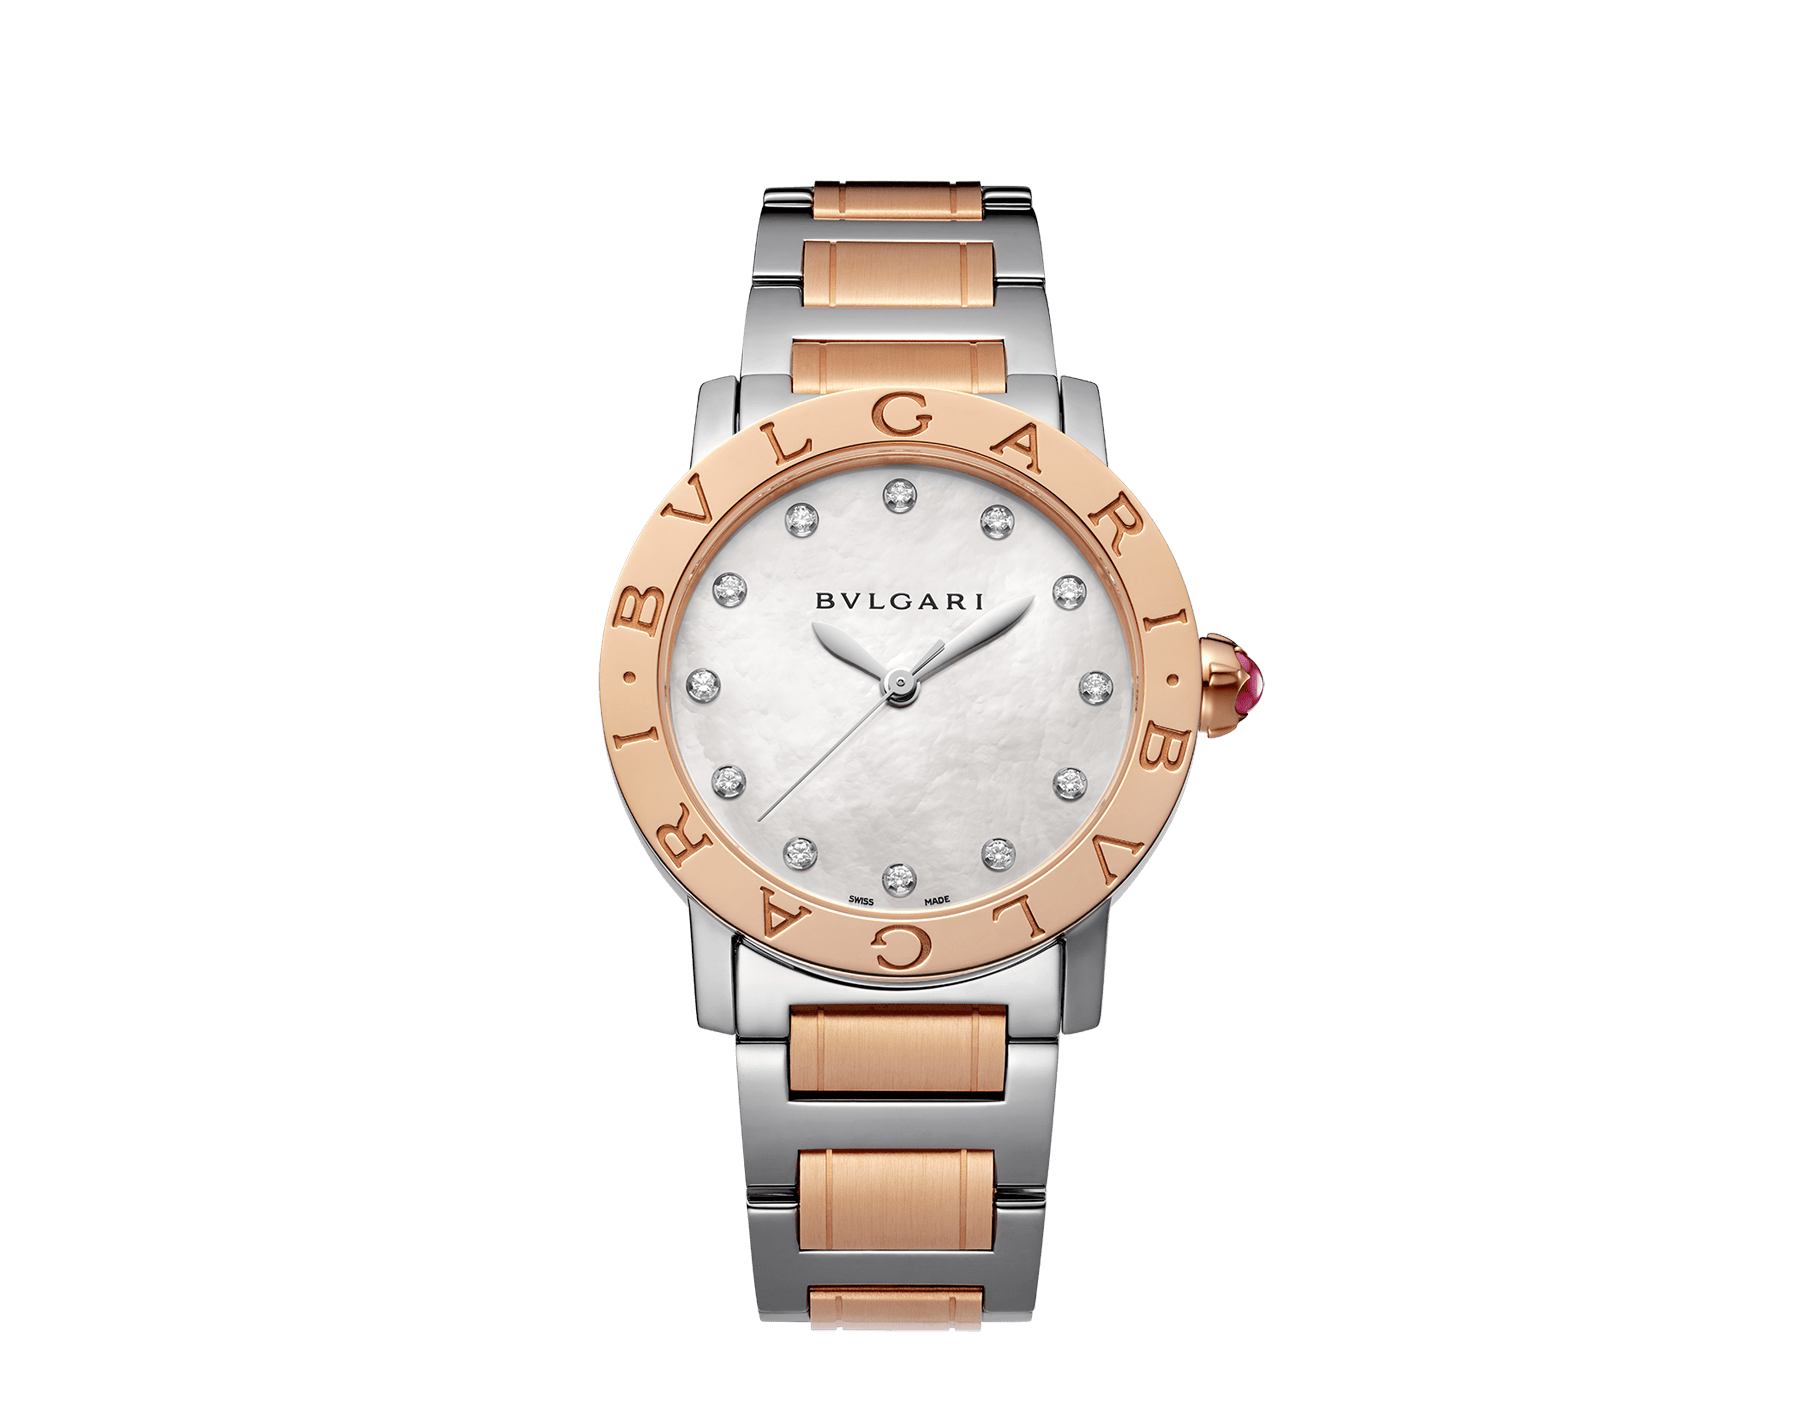 Orologio BVLGARI BVLGARI con cassa e bracciale in acciaio inossidabile e oro rosa 18 kt, quadrante bianco in madreperla e indici con diamanti. Misura media. 101891 image 1